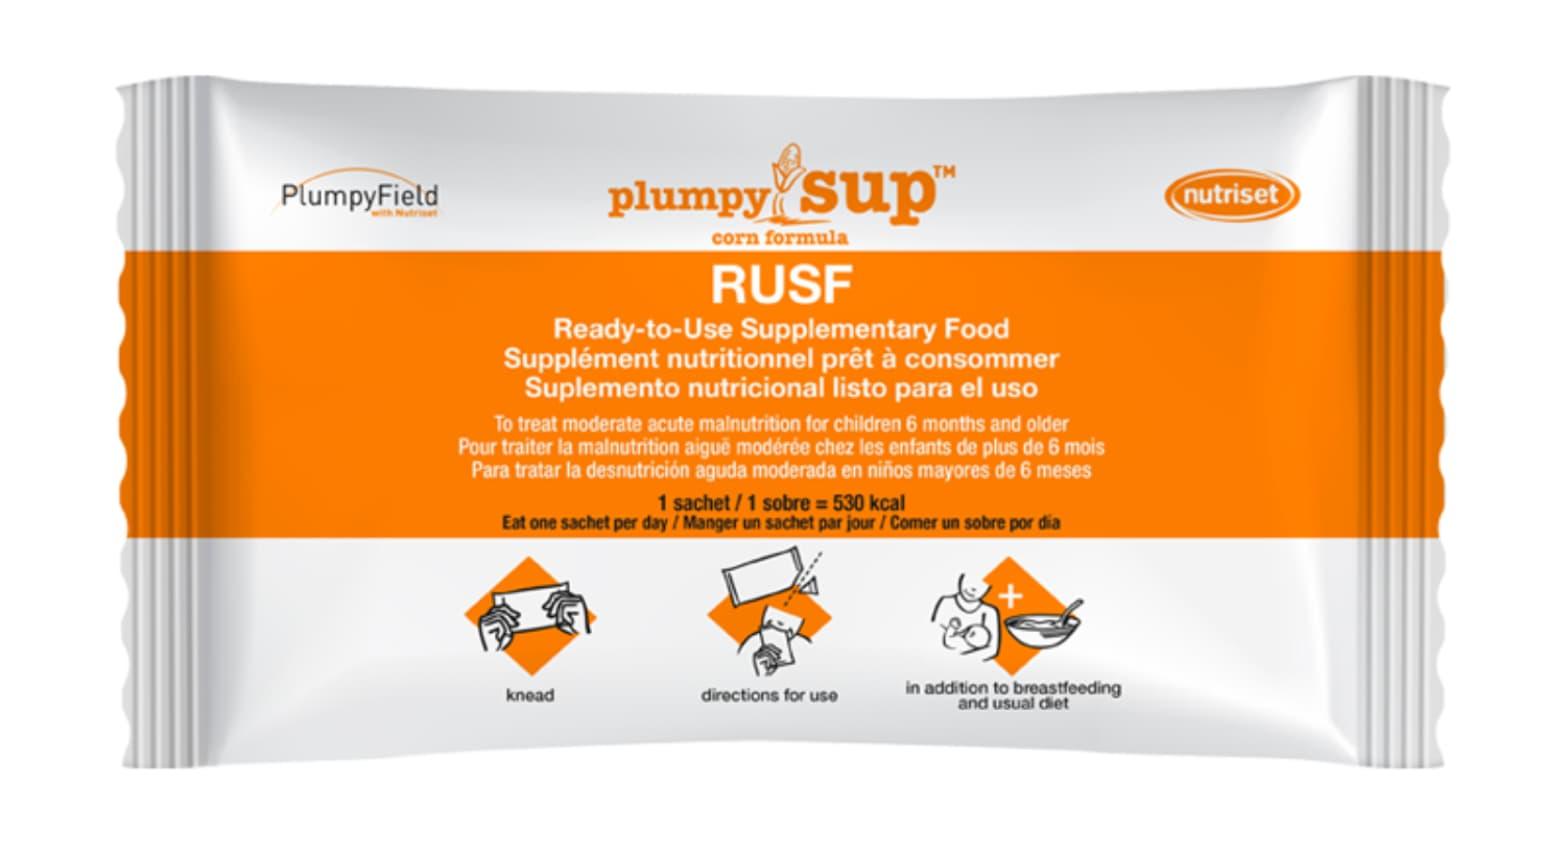 Plumpy'Sup Mamba Djanm product image